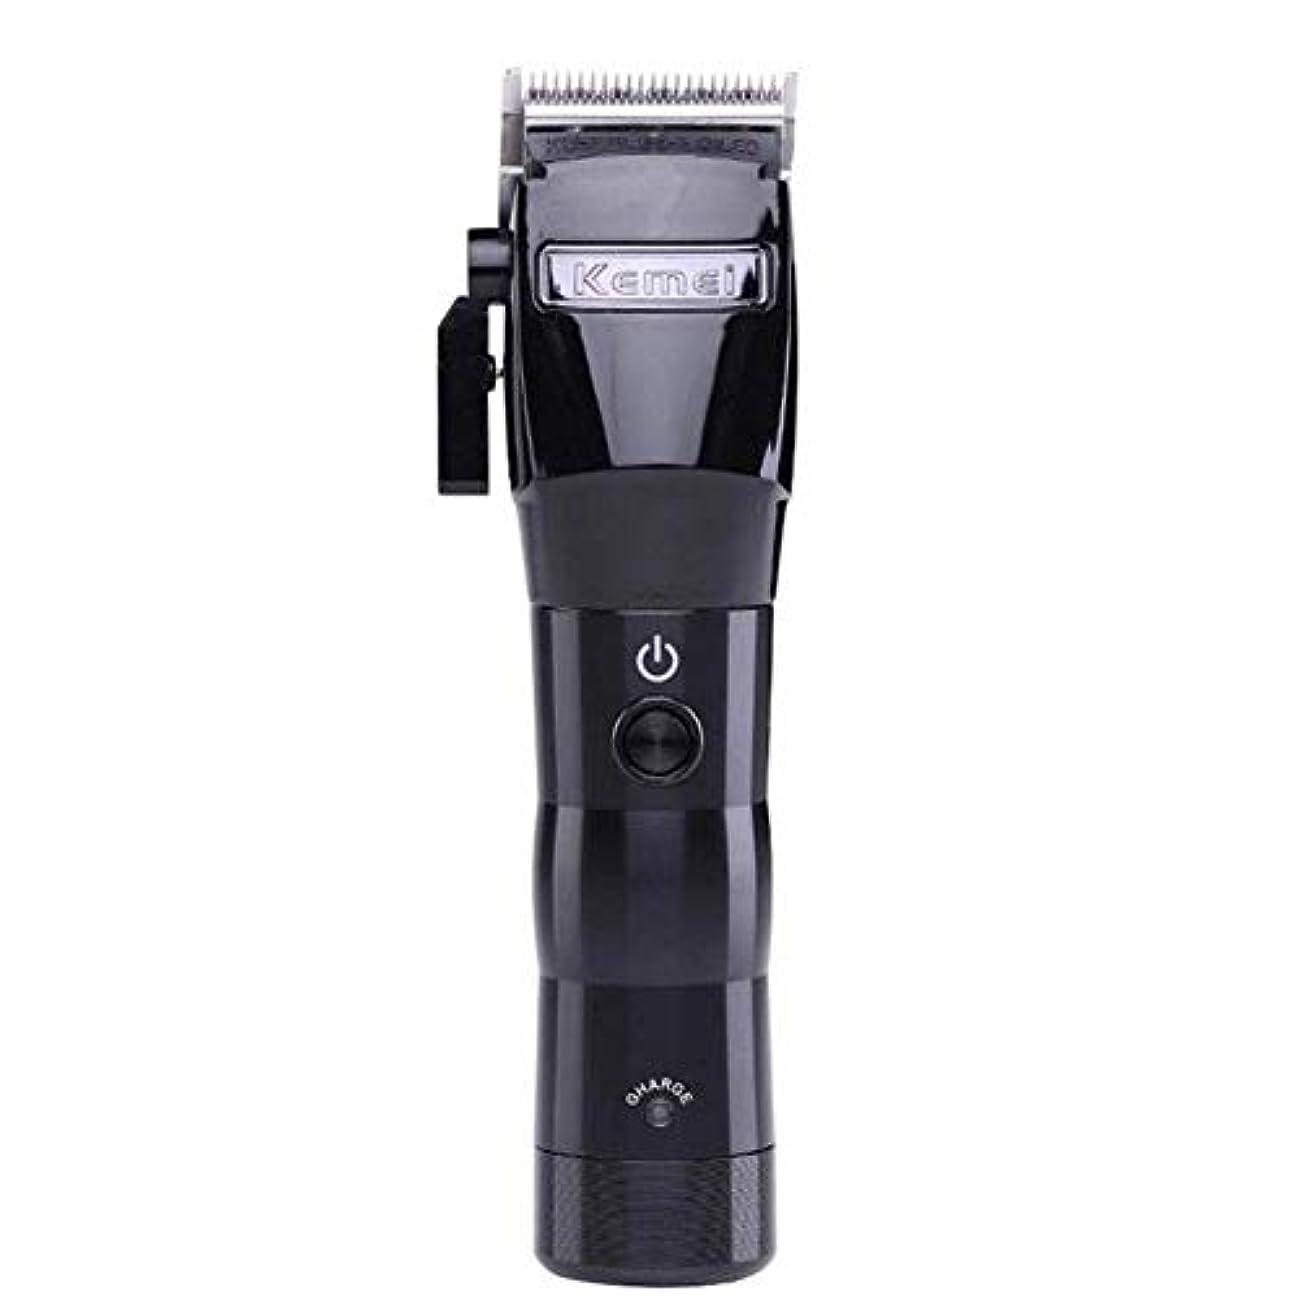 頼む増加する設置バリカン男性メンズ電気ワイヤレスバリカントリマー強力な充電式プロフェッショナル美容鋏メンズホームバリカン